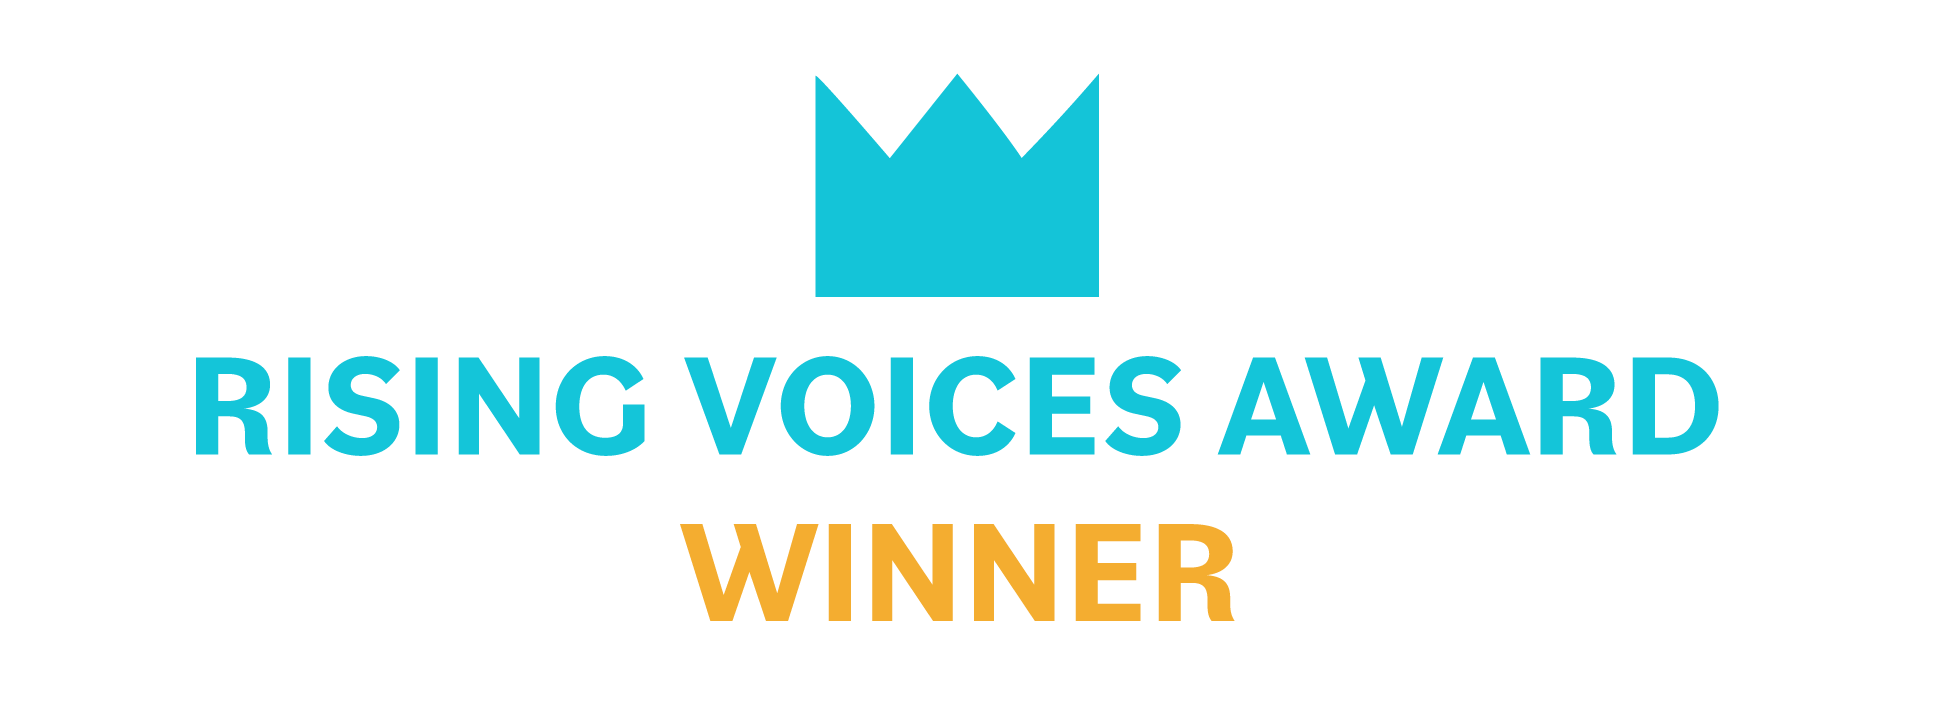 Rising Voices Award winner badge.